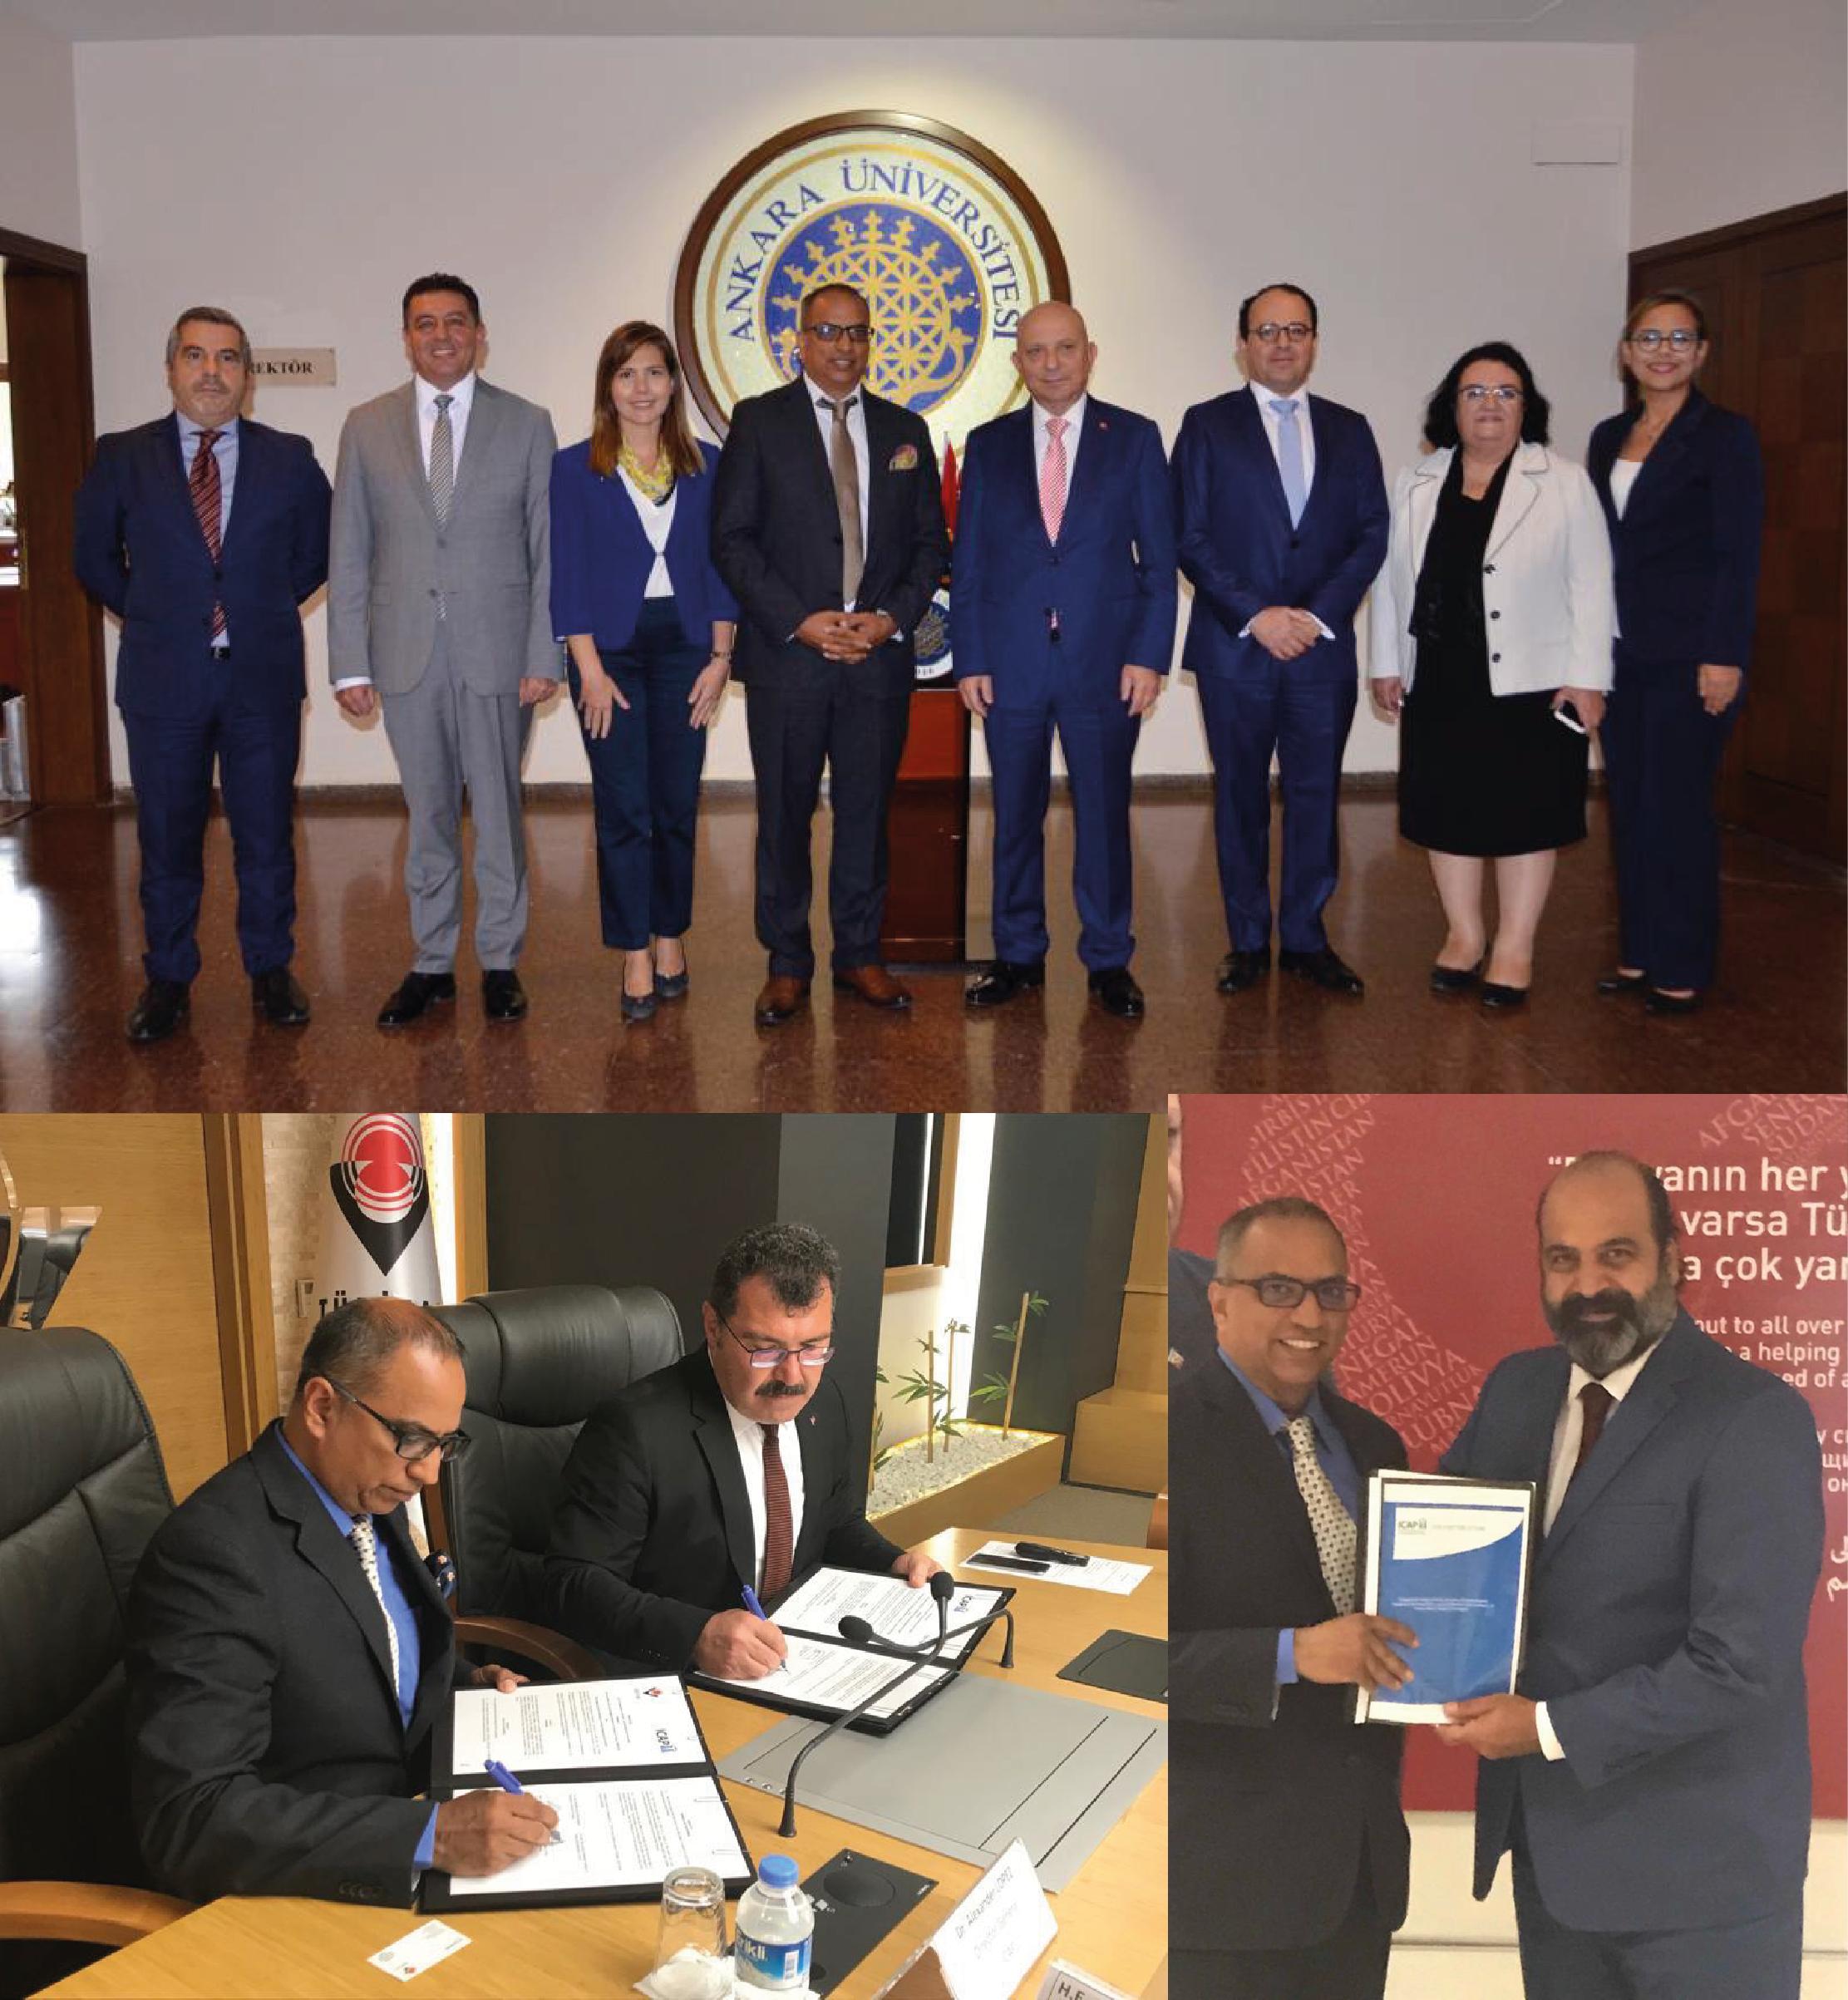 ICAP potencia alianzas con instituciones claves en la República de Turquía